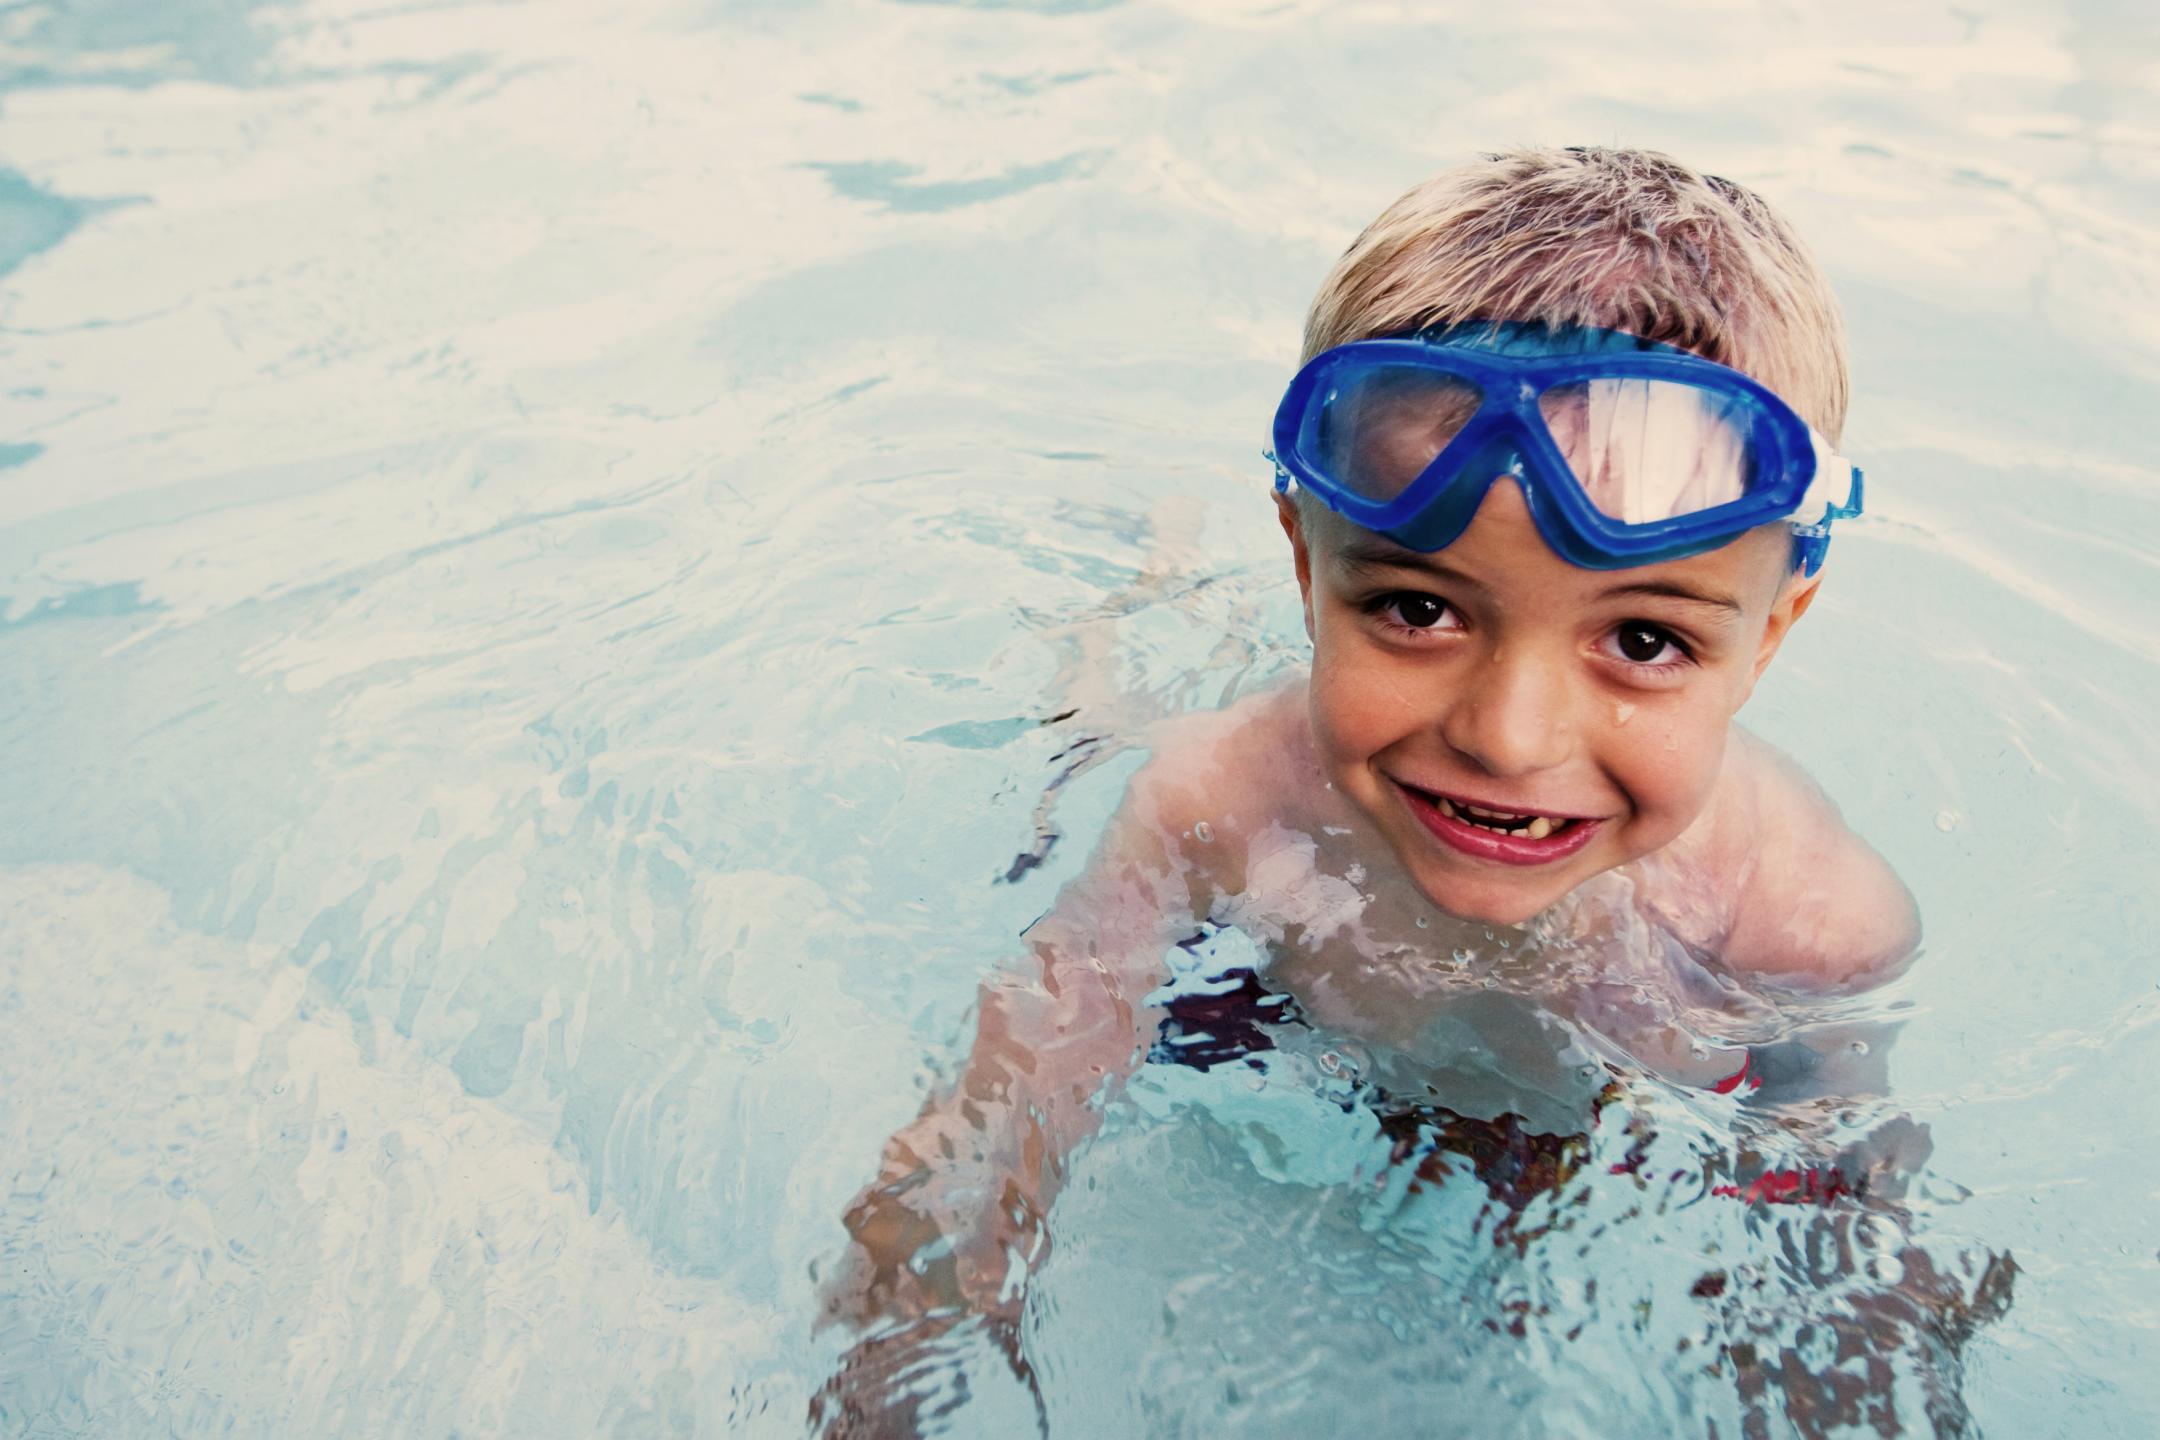 When are children water safe